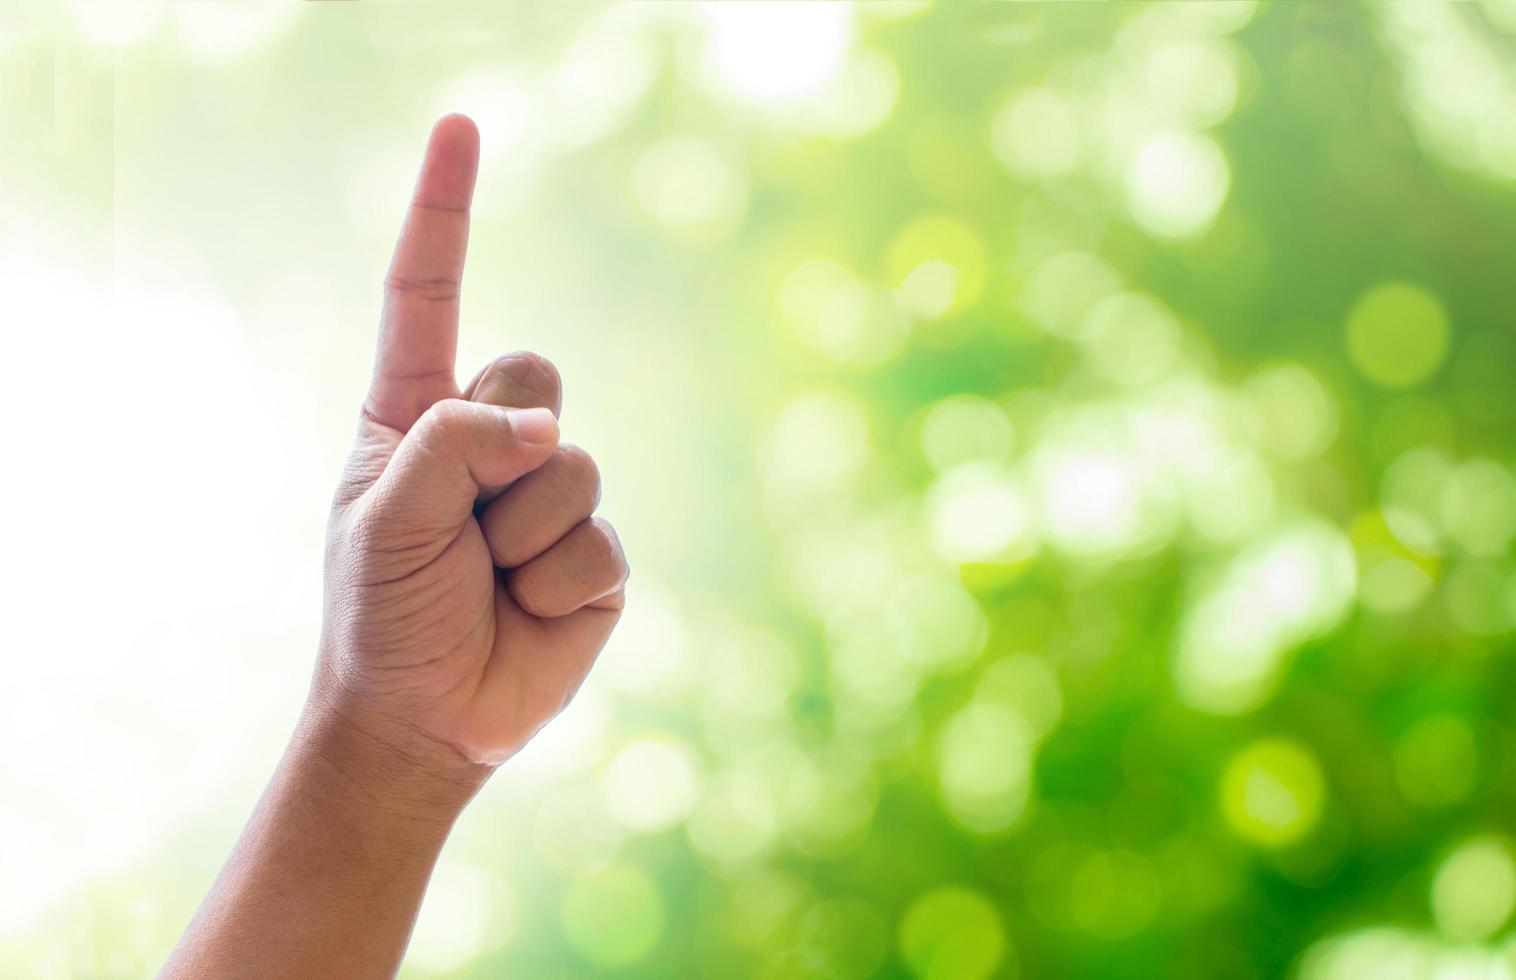 doigt pointé vers le haut photo